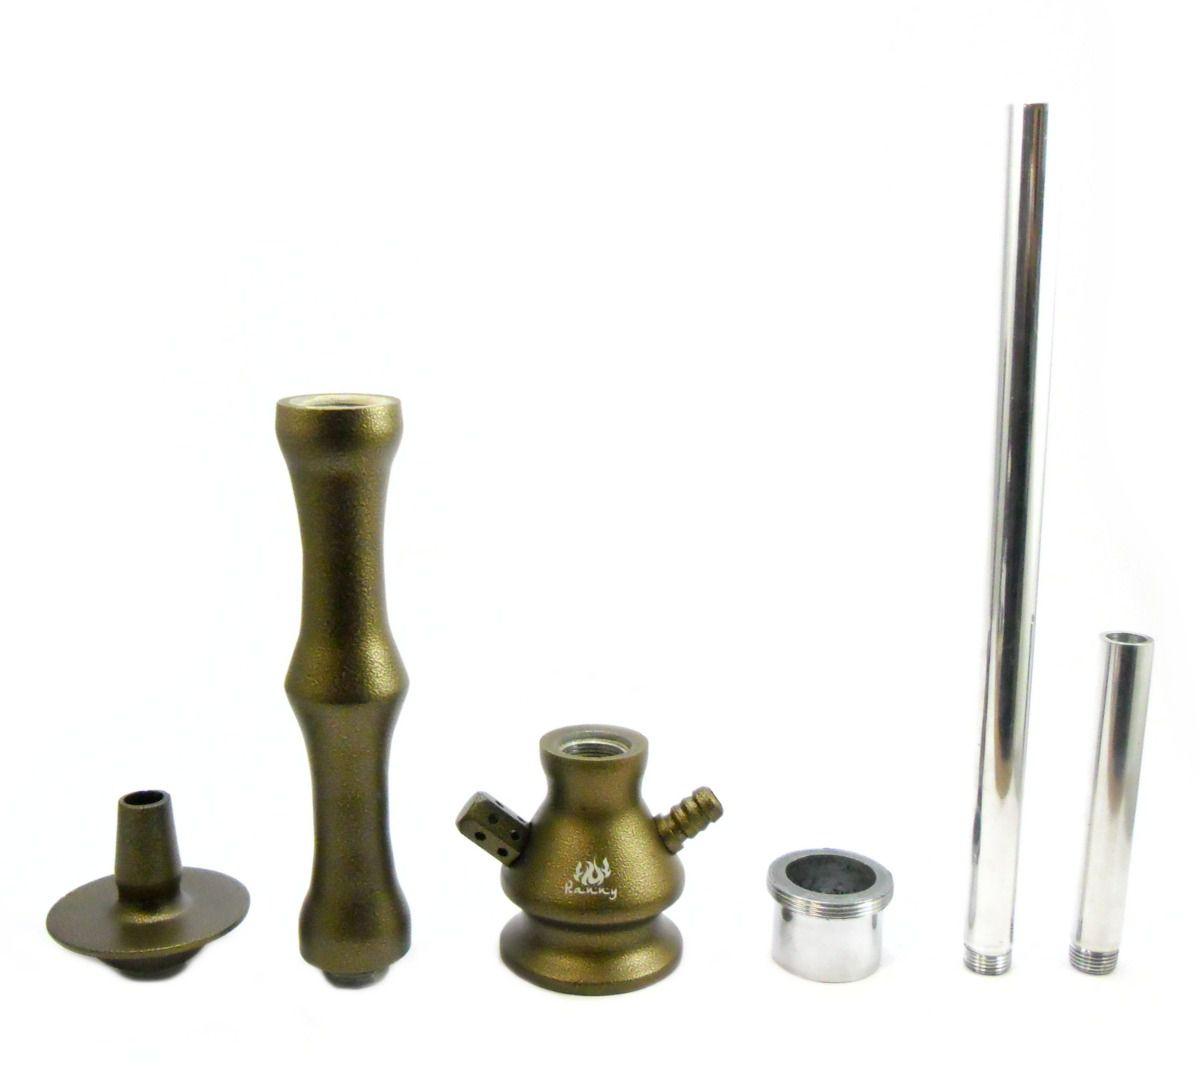 Stem (corpo de narguile) RANNY OURO VELHO. Inox, híbrido (grande/pequeno, vasos macho/fêmea).